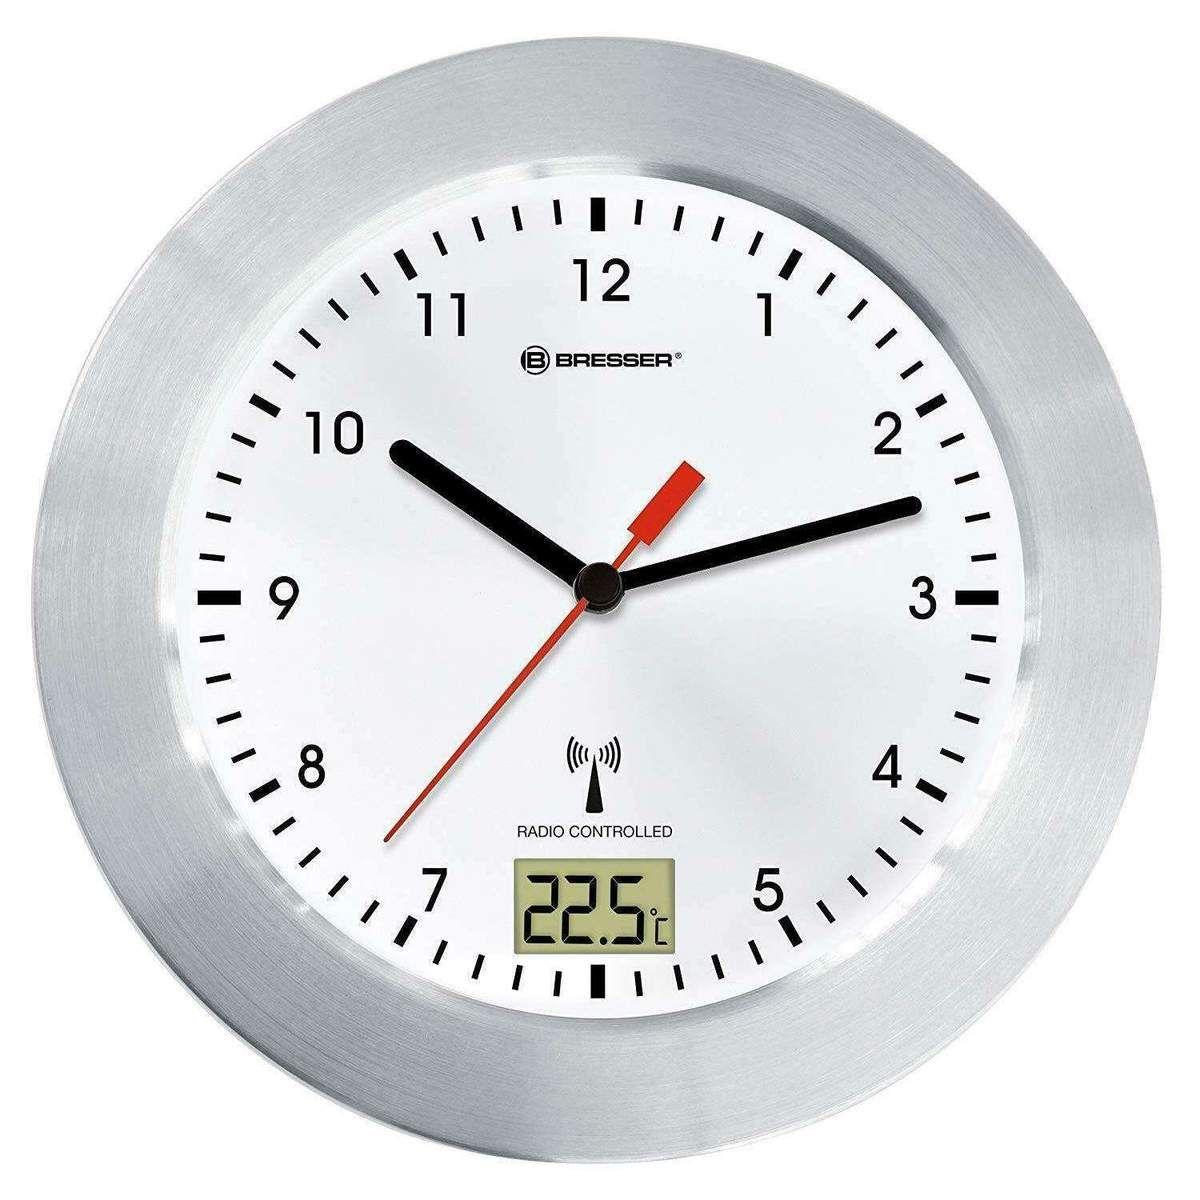 Neu Eingetroffen Bresser Mytime Bad Wanduhr Funkuhr Temperaturanzeige Saugnapfe Standfuss Weiss Ecommerce Onlineshop Angebot Wanduhr Funk Uhr